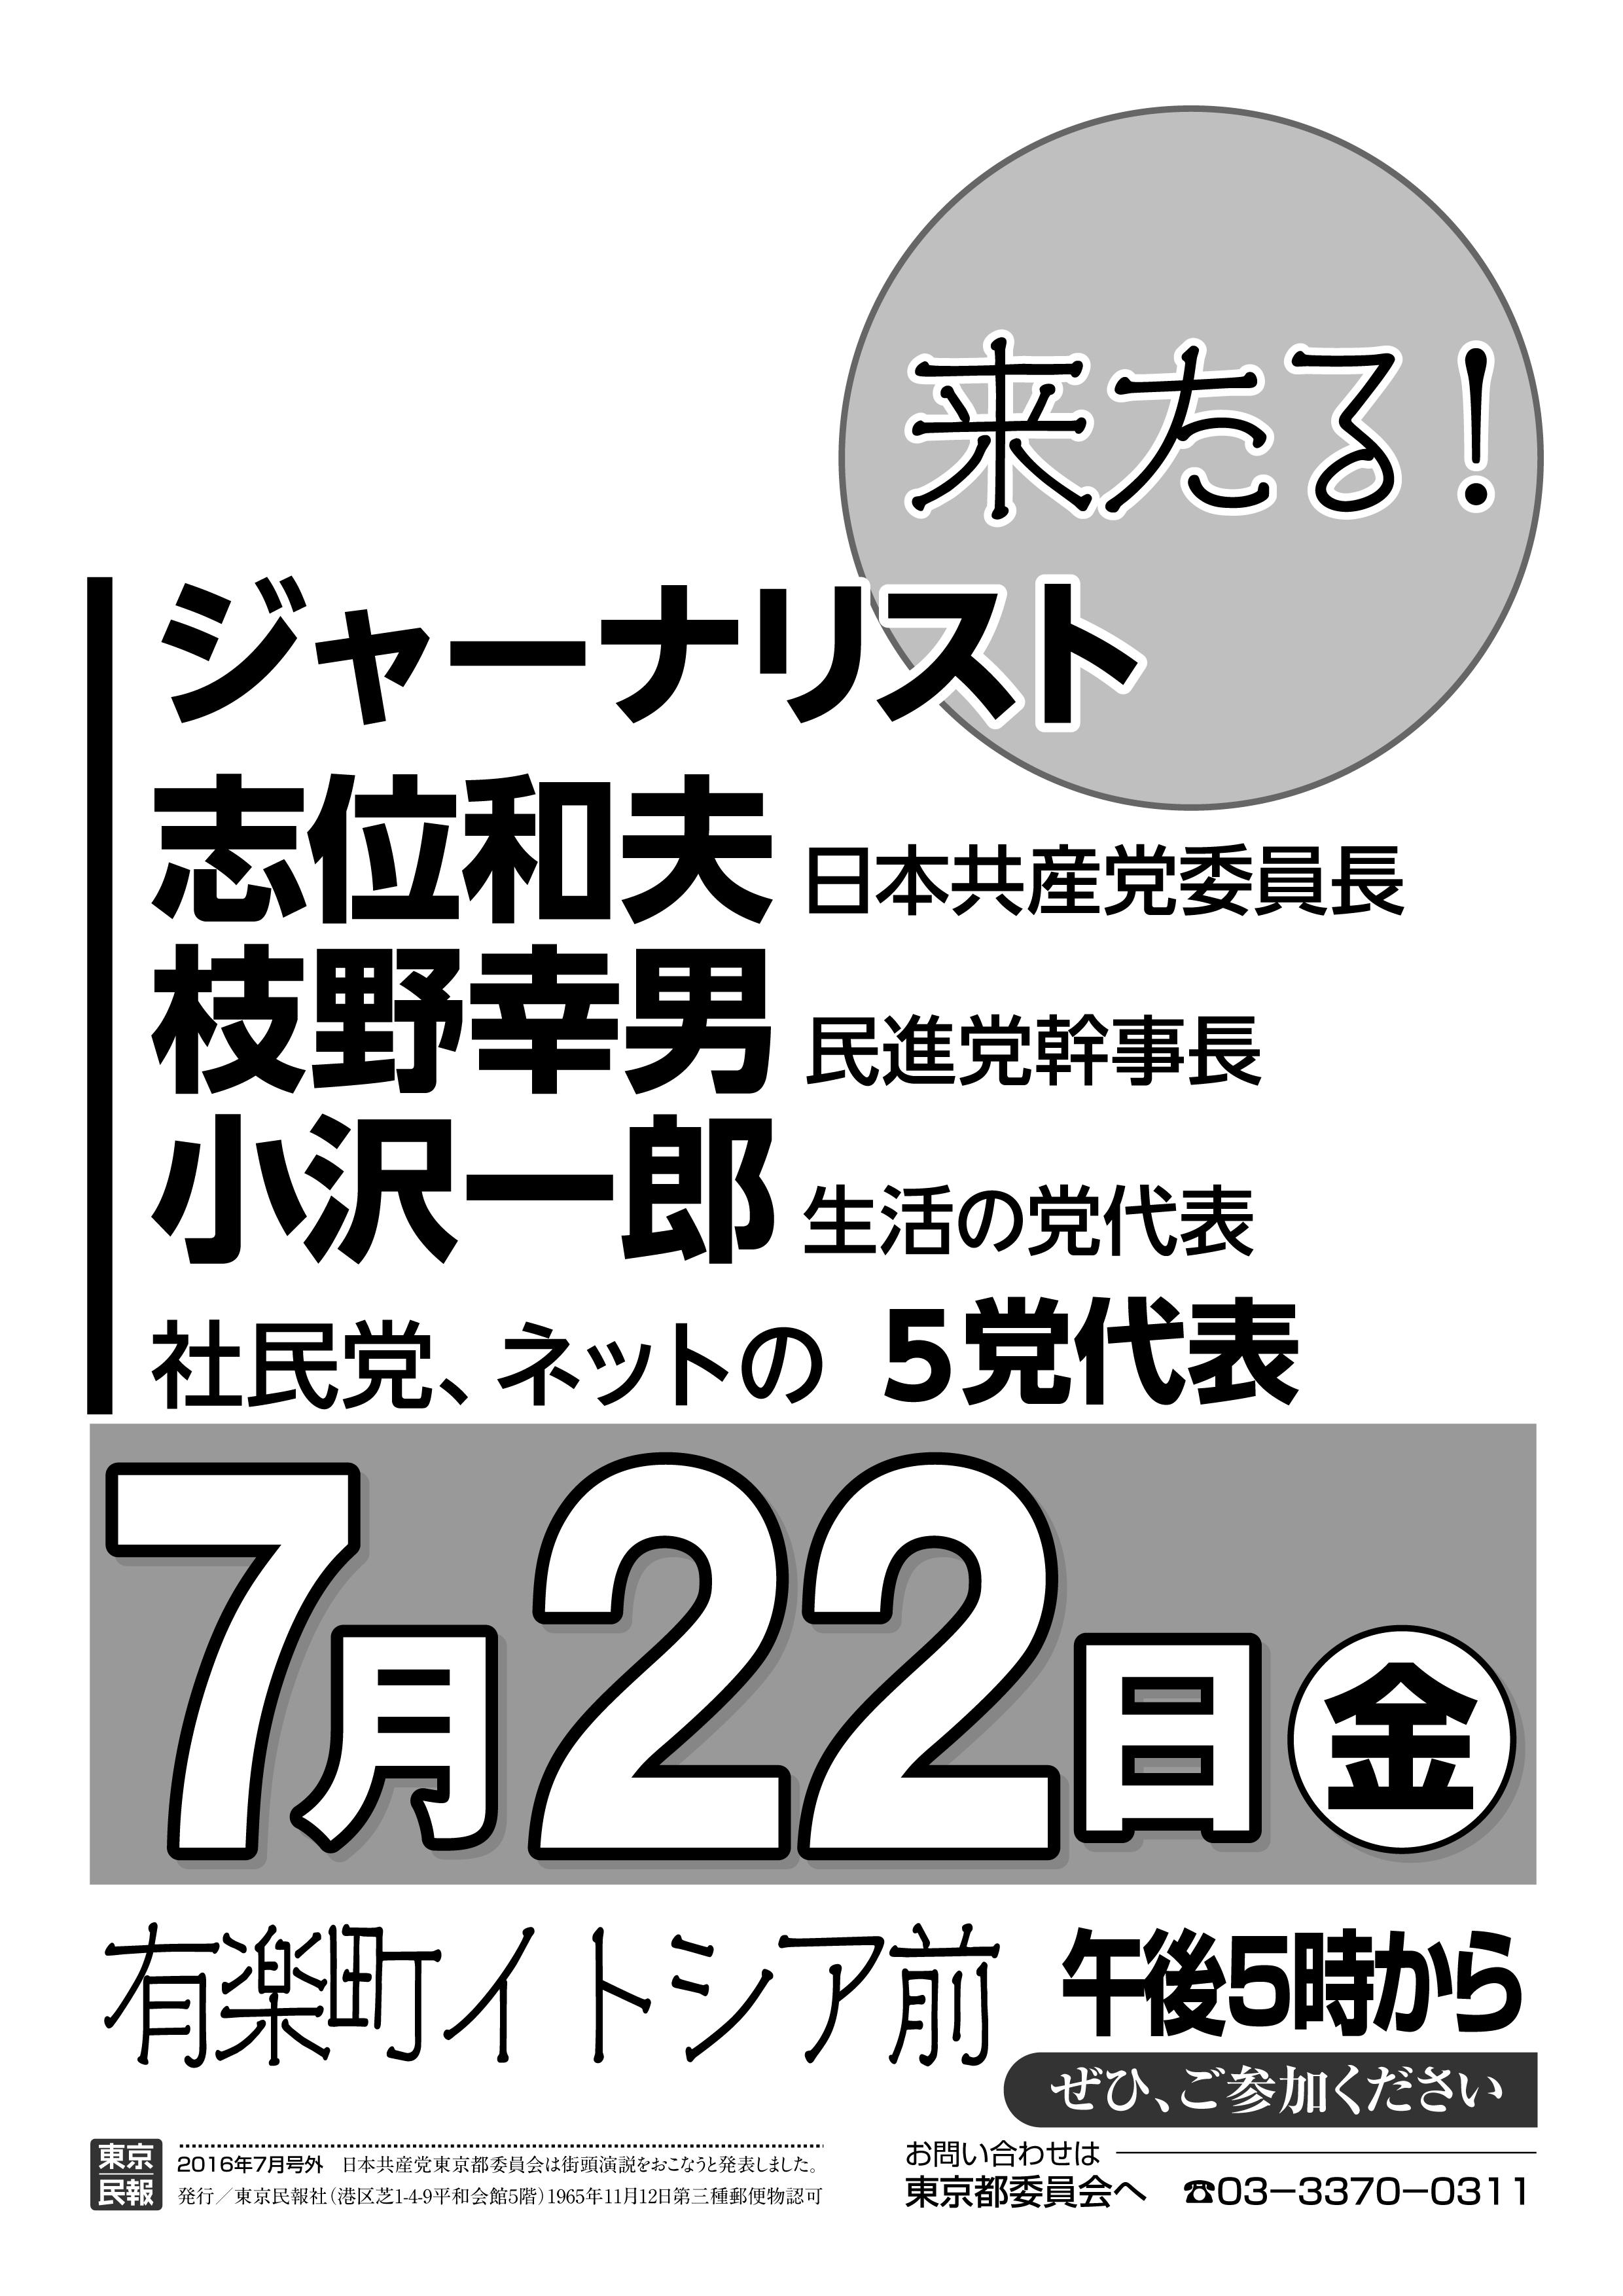 ビラ:「ジャーナリスト・枝野幹事長・小沢代表・志位委員長きたる」7/22(金)17時~有楽町イトシア前にて